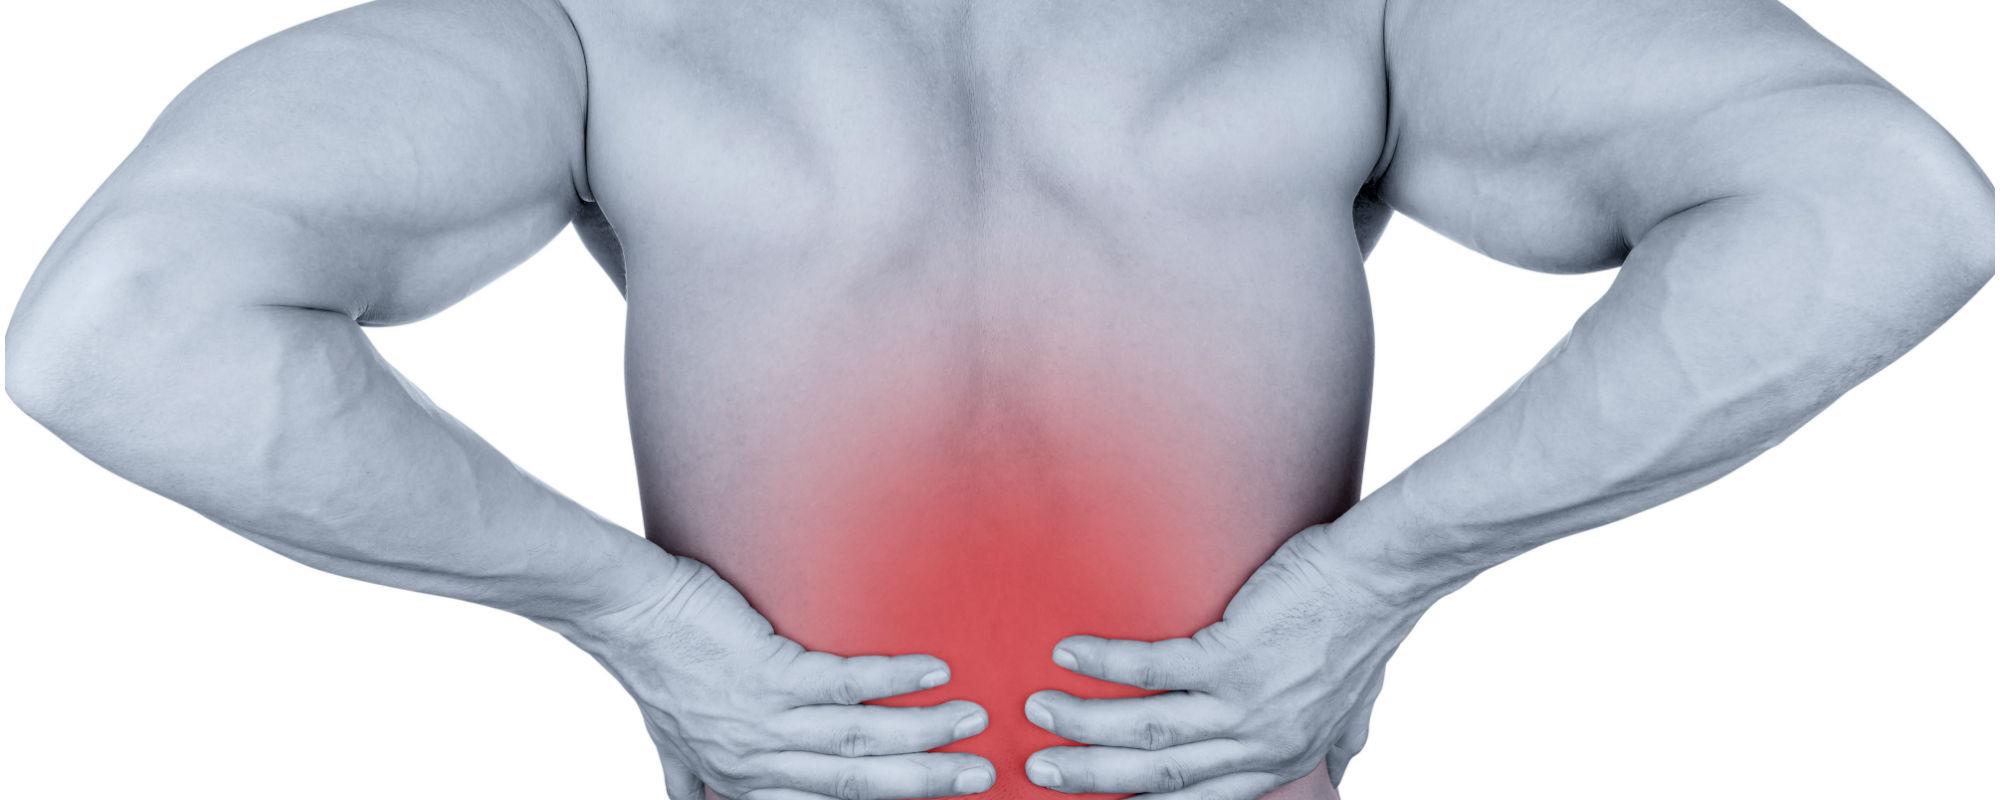 Νέα θεραπεία <span>οσφυαλγίας, ισχιαλγίας και αυχενικού συνδρόμου</span>